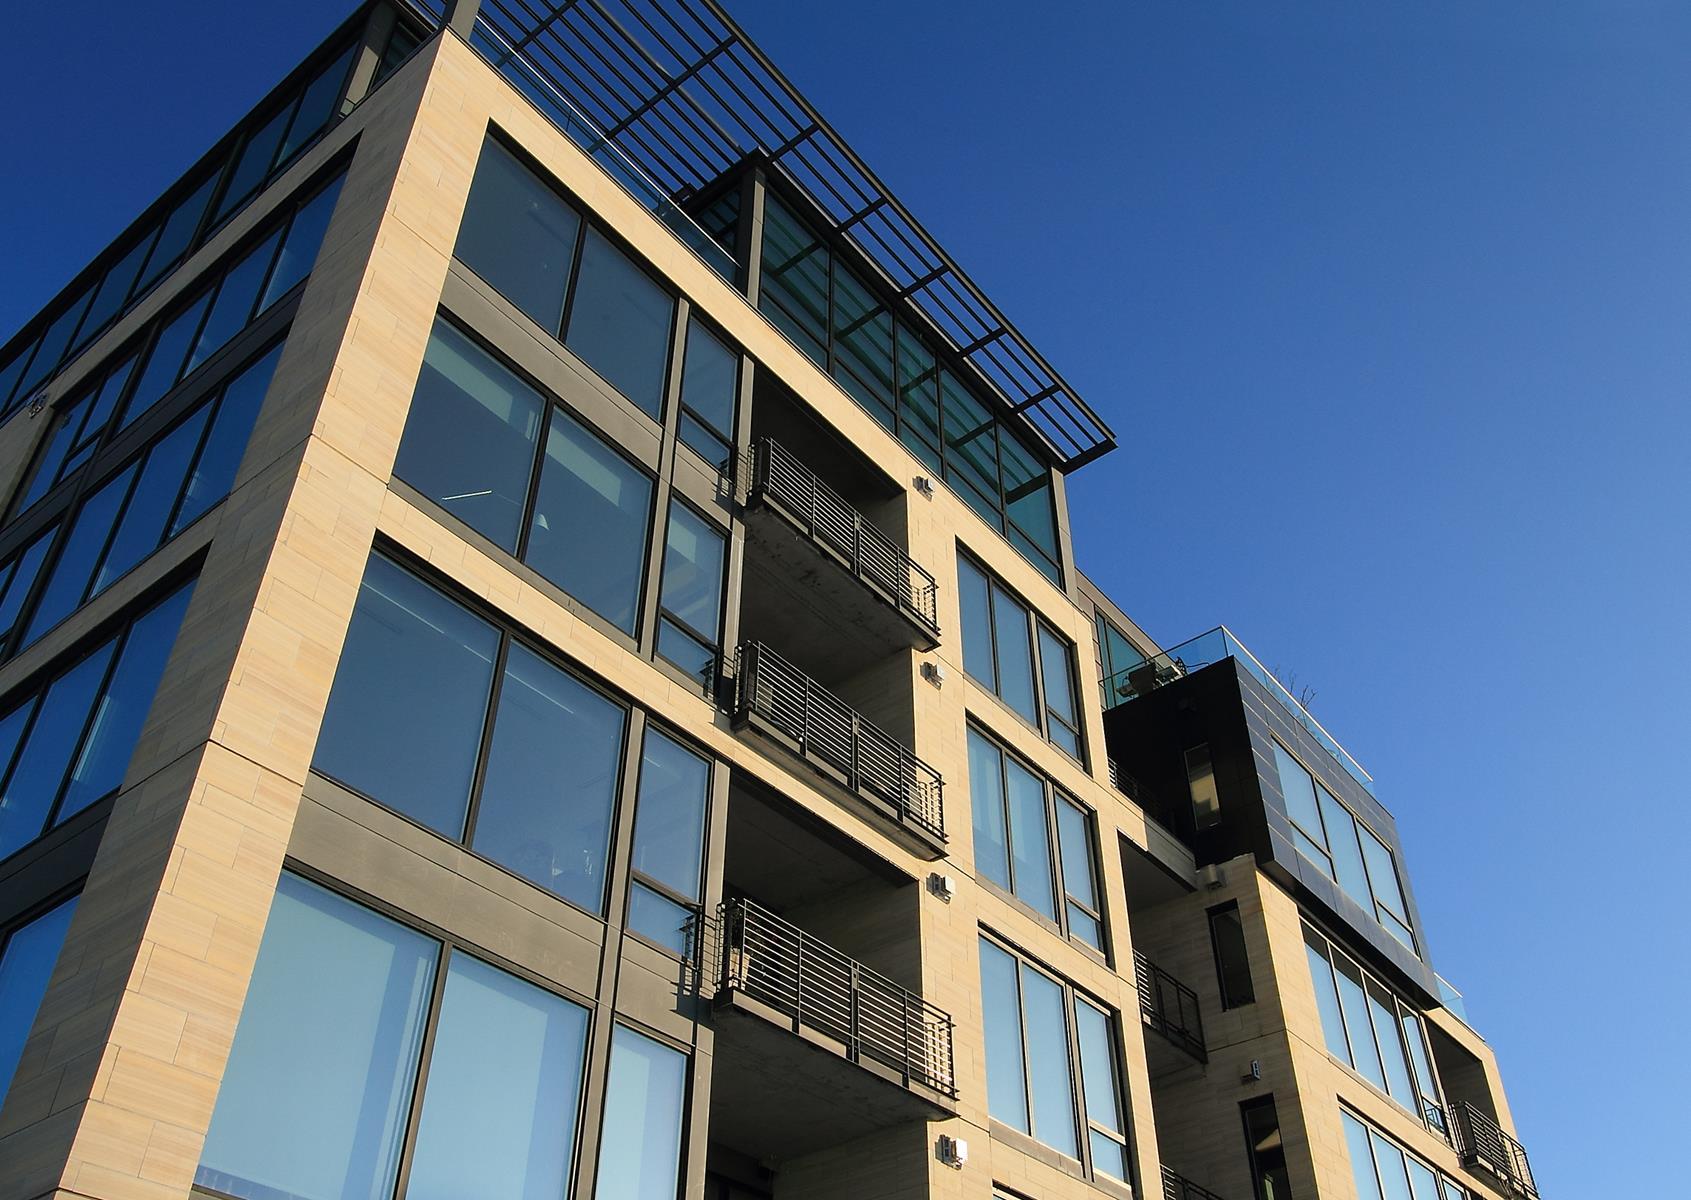 共管式独立产权公寓 为 销售 在 1805 W Lake Street #102 明尼阿波利斯市, 明尼苏达州, 55408 美国